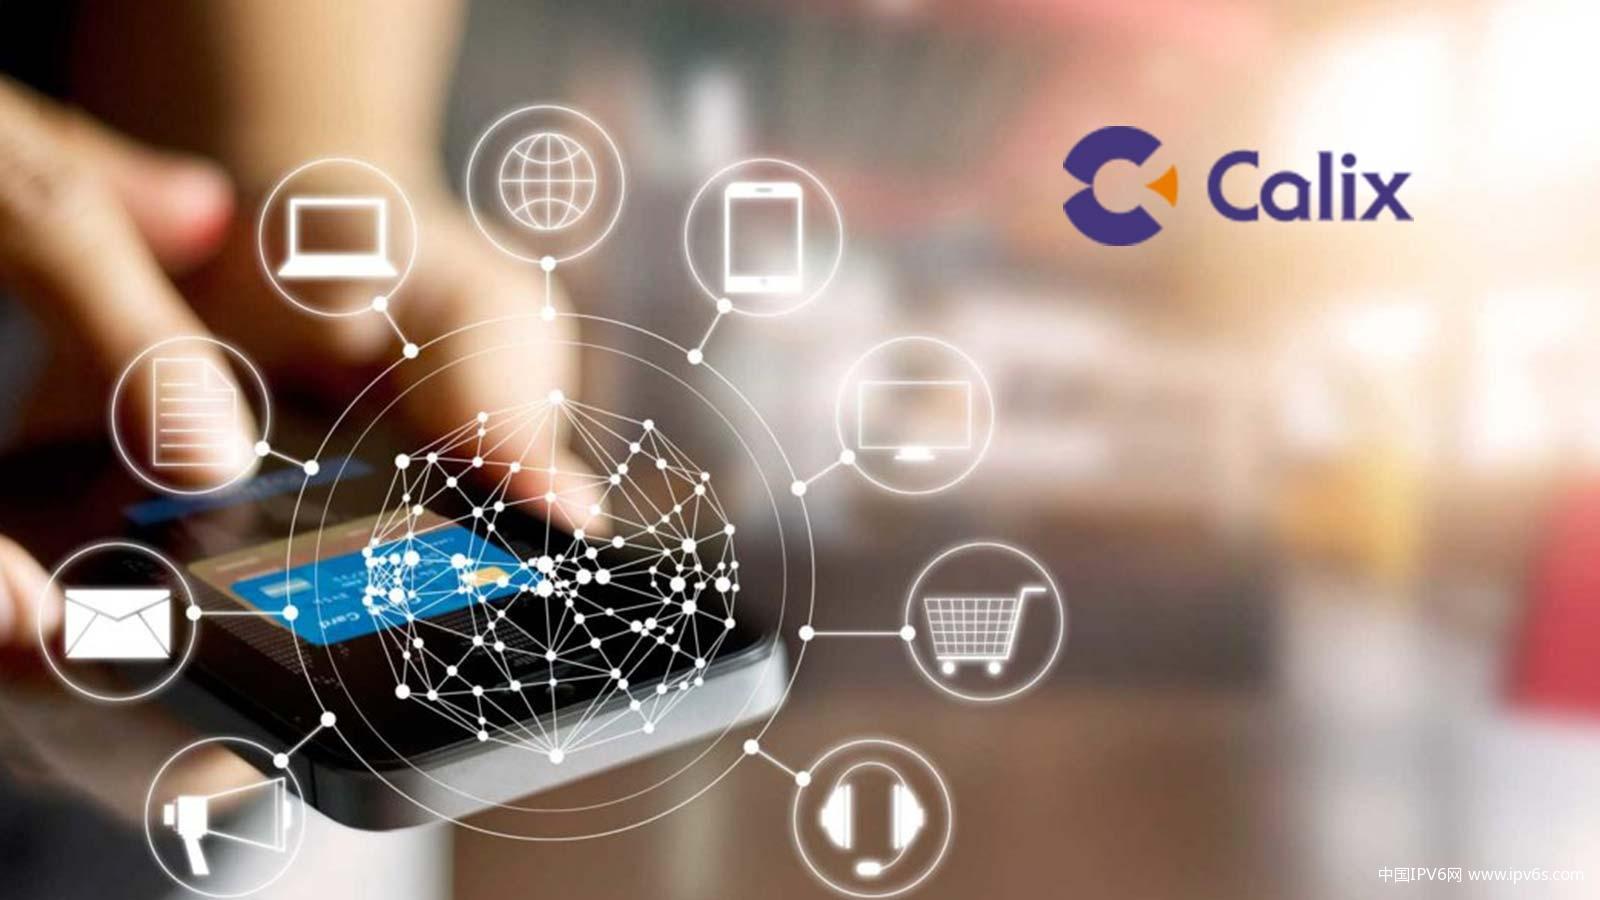 美国Calix增加了端到端IPv6支持,使服务提供商能够安全地扩展其网络